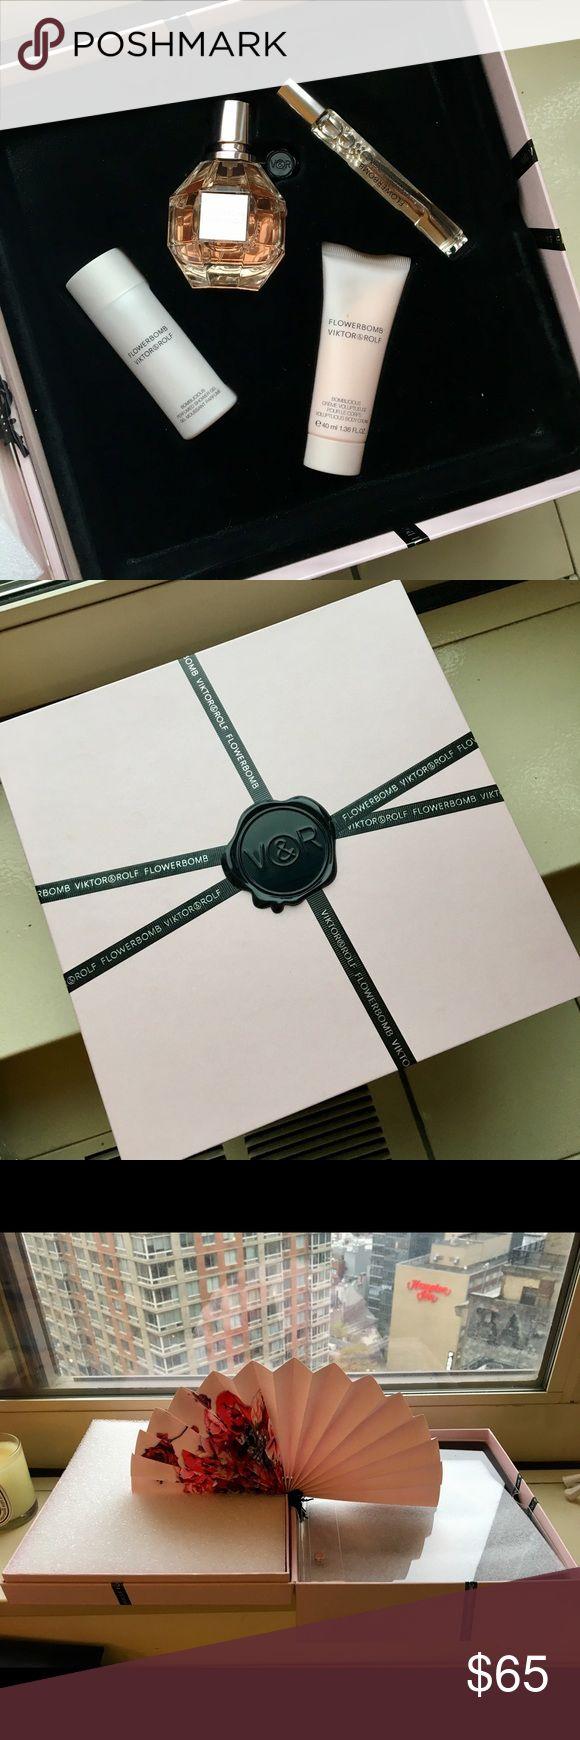 Interior design home fragrance gift set - Viktor Rolf Perfume Gift Set Nwt